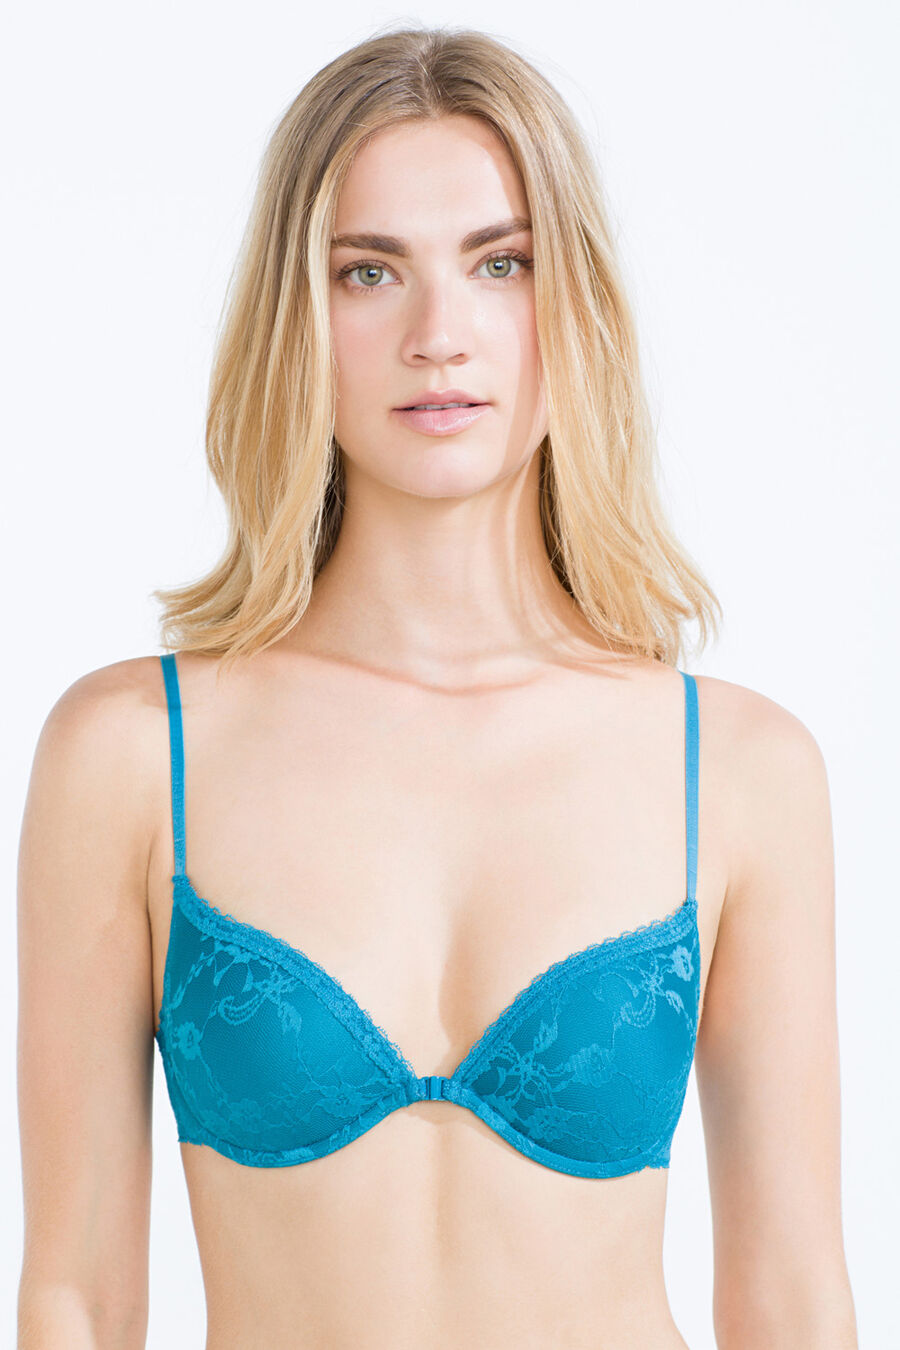 Lace push up bra